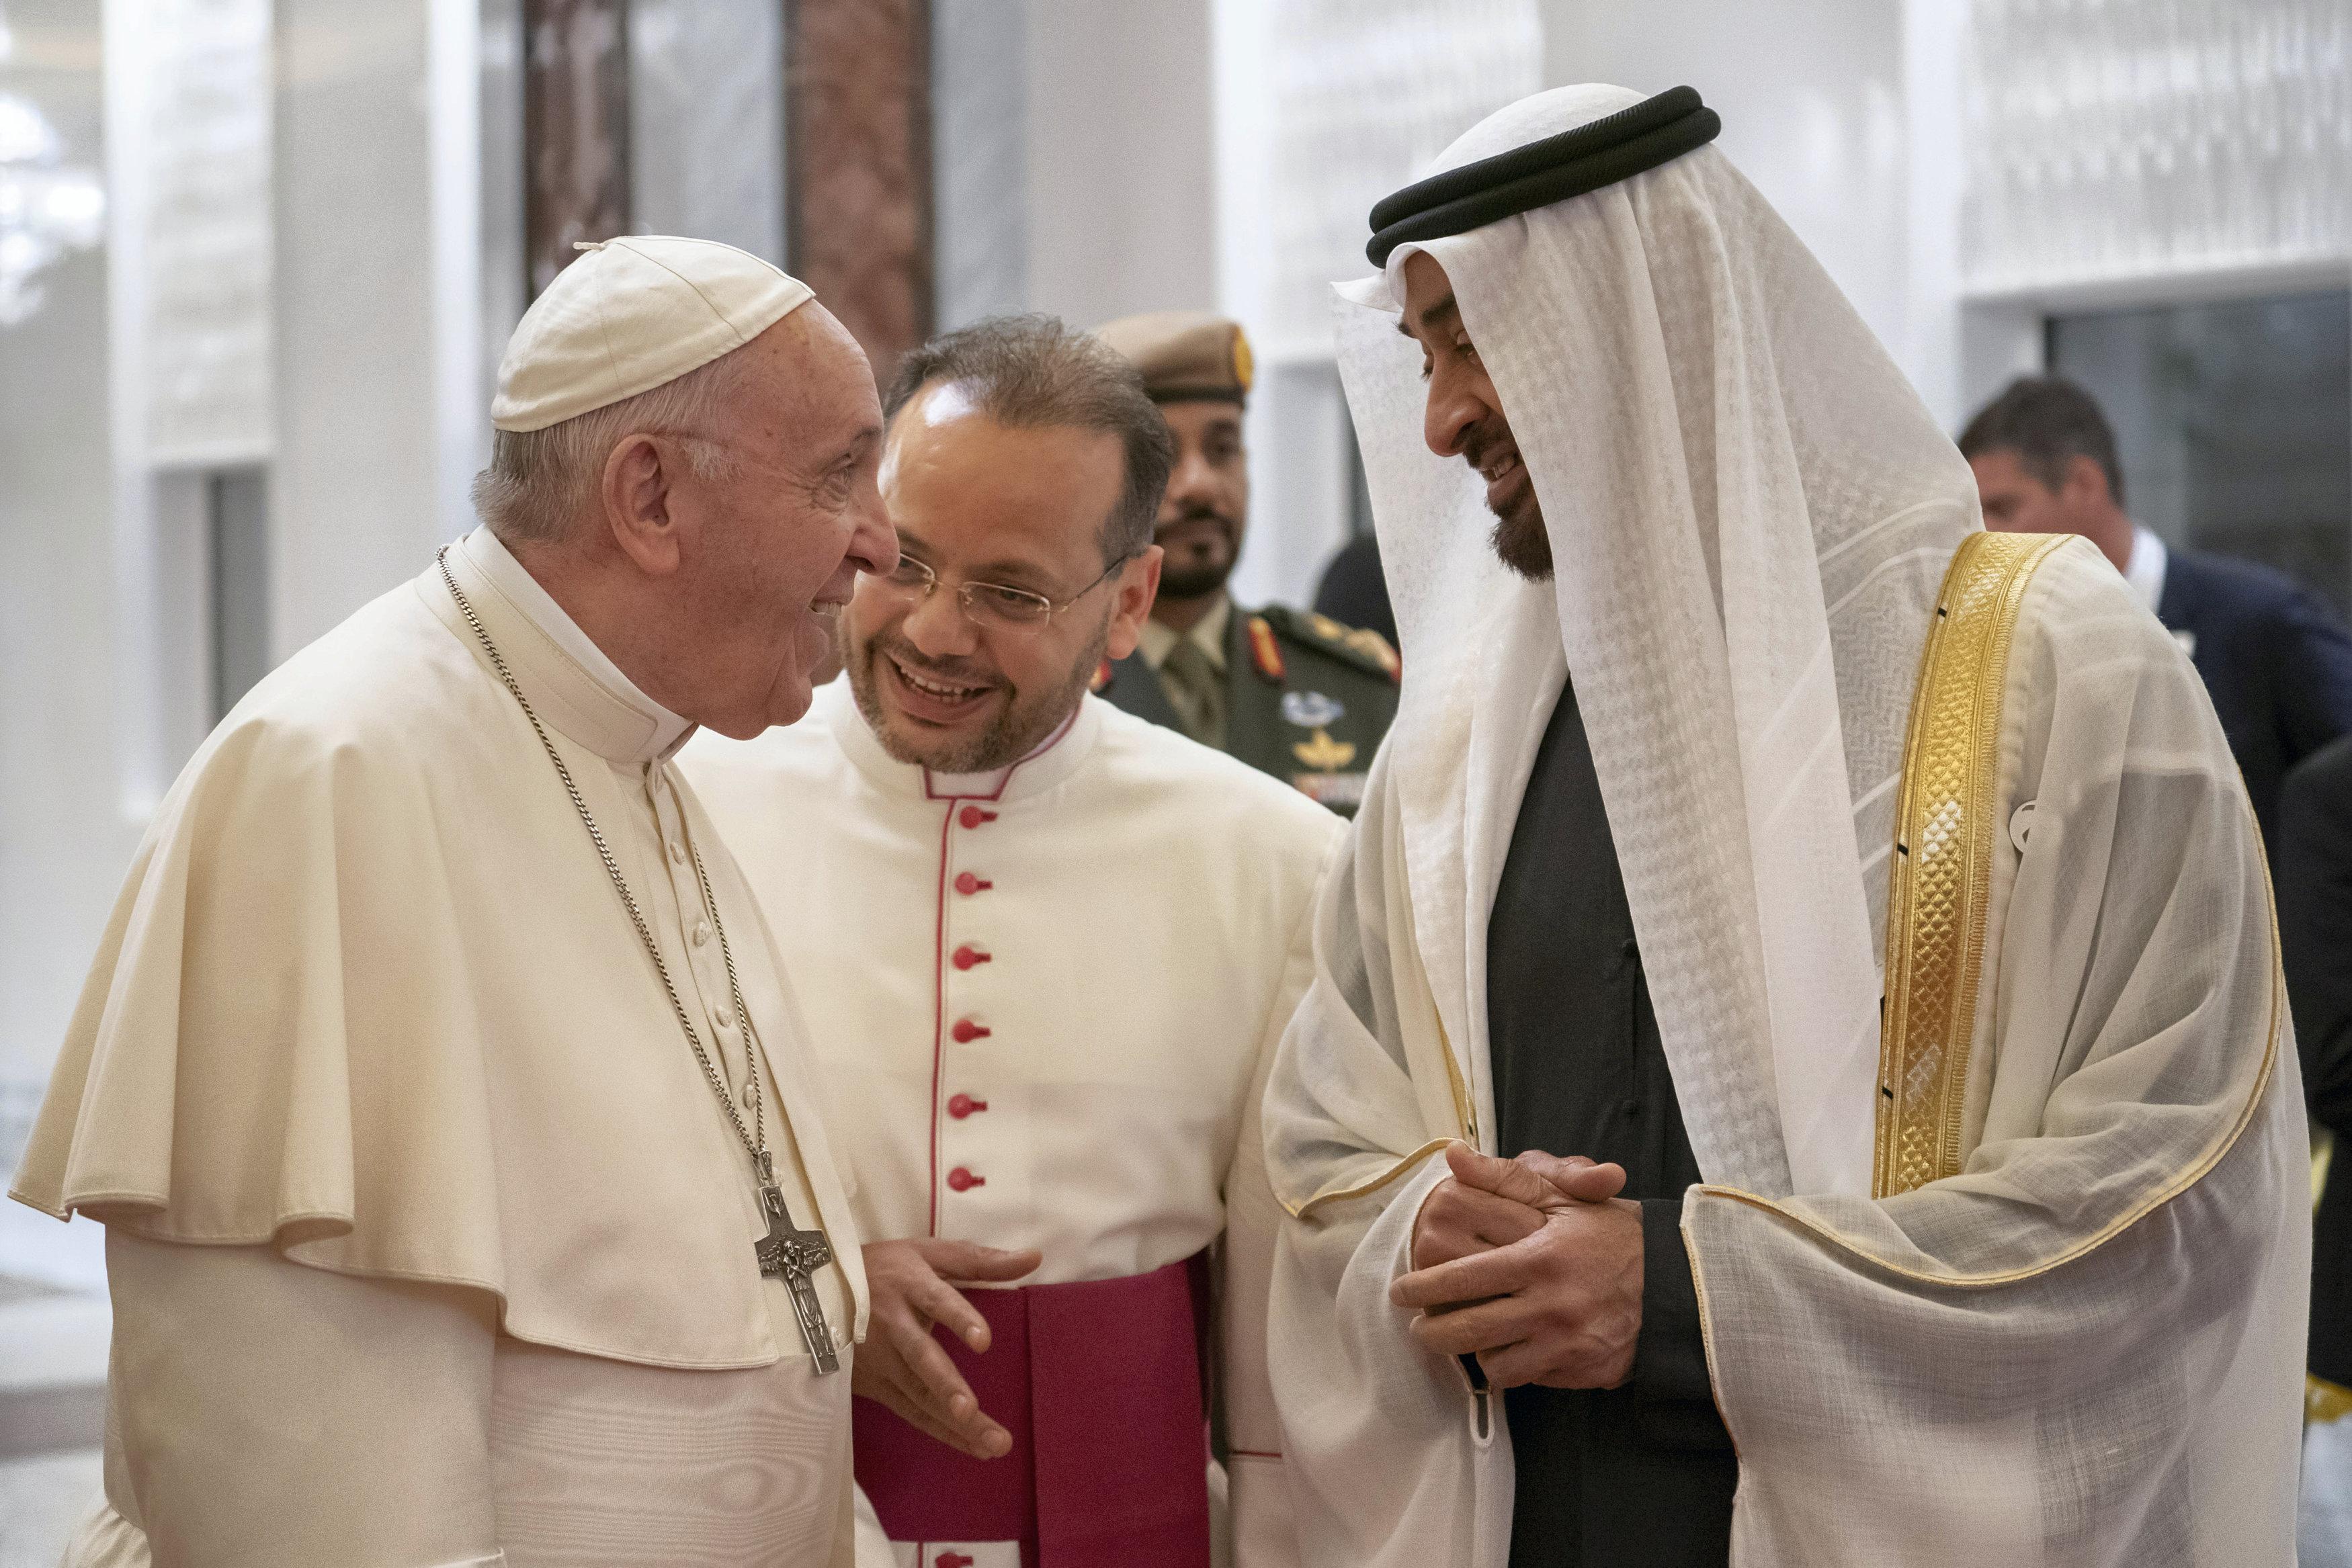 الشيخ محمد بن زايد يستقبلان بابا الفاتيكان فى الإمارات